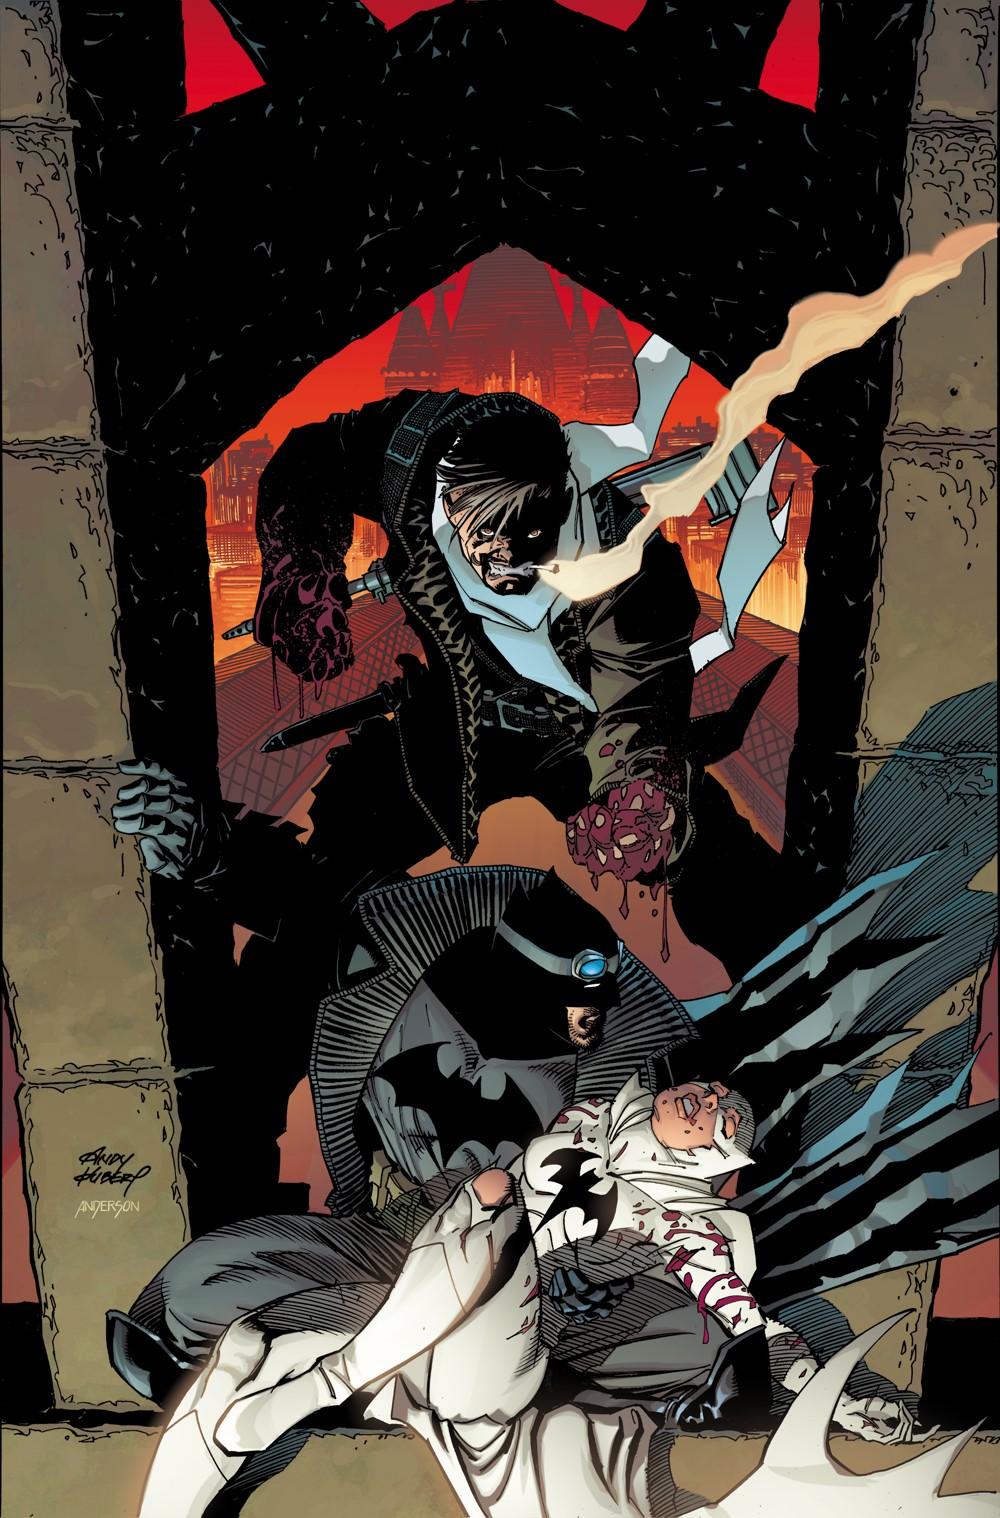 BM_The_Detective_Cv6 DC Comics November 2021 Solicitations